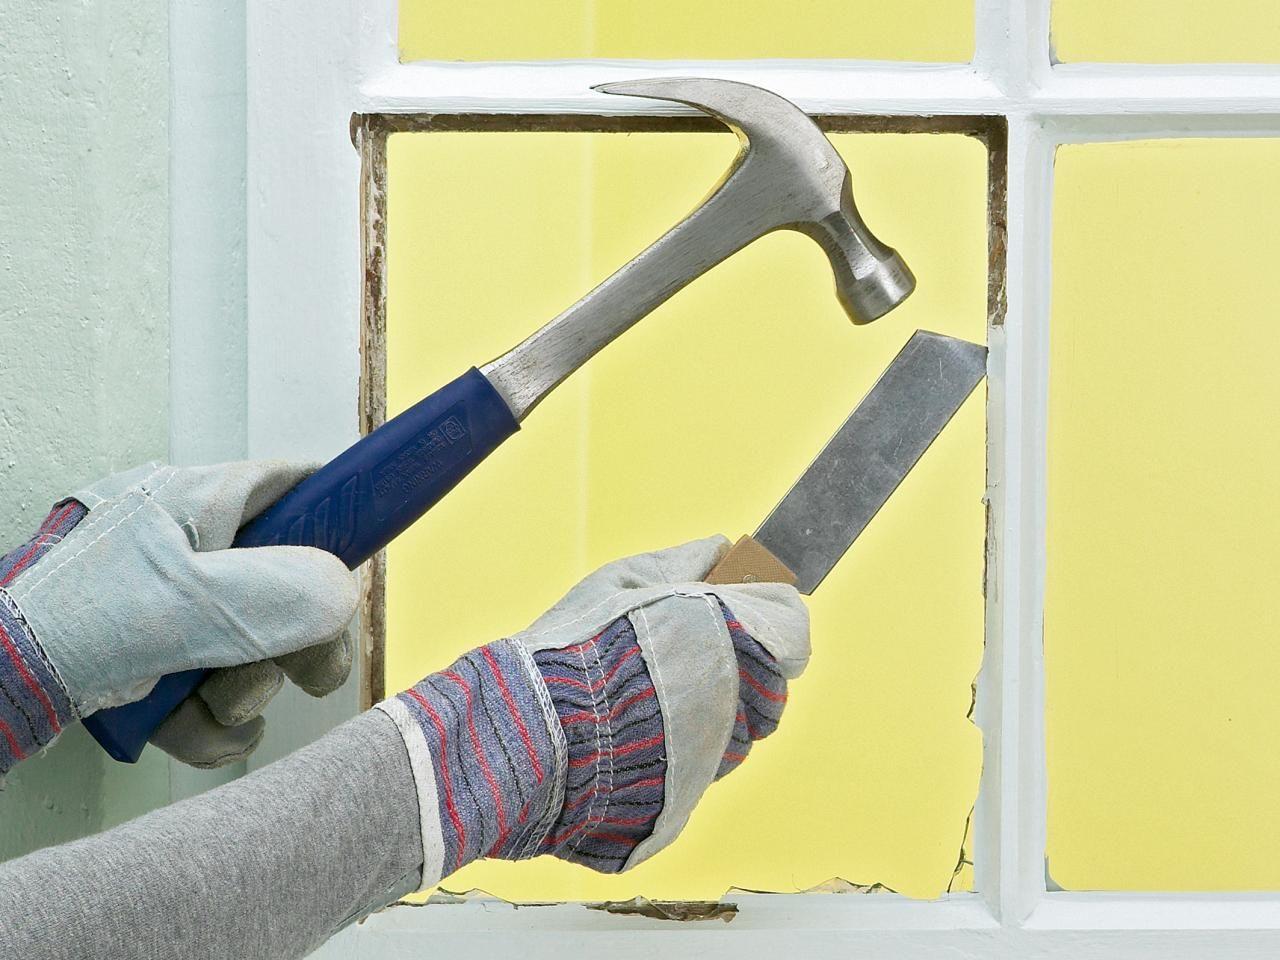 How to Replace a Broken Window Pane Broken window